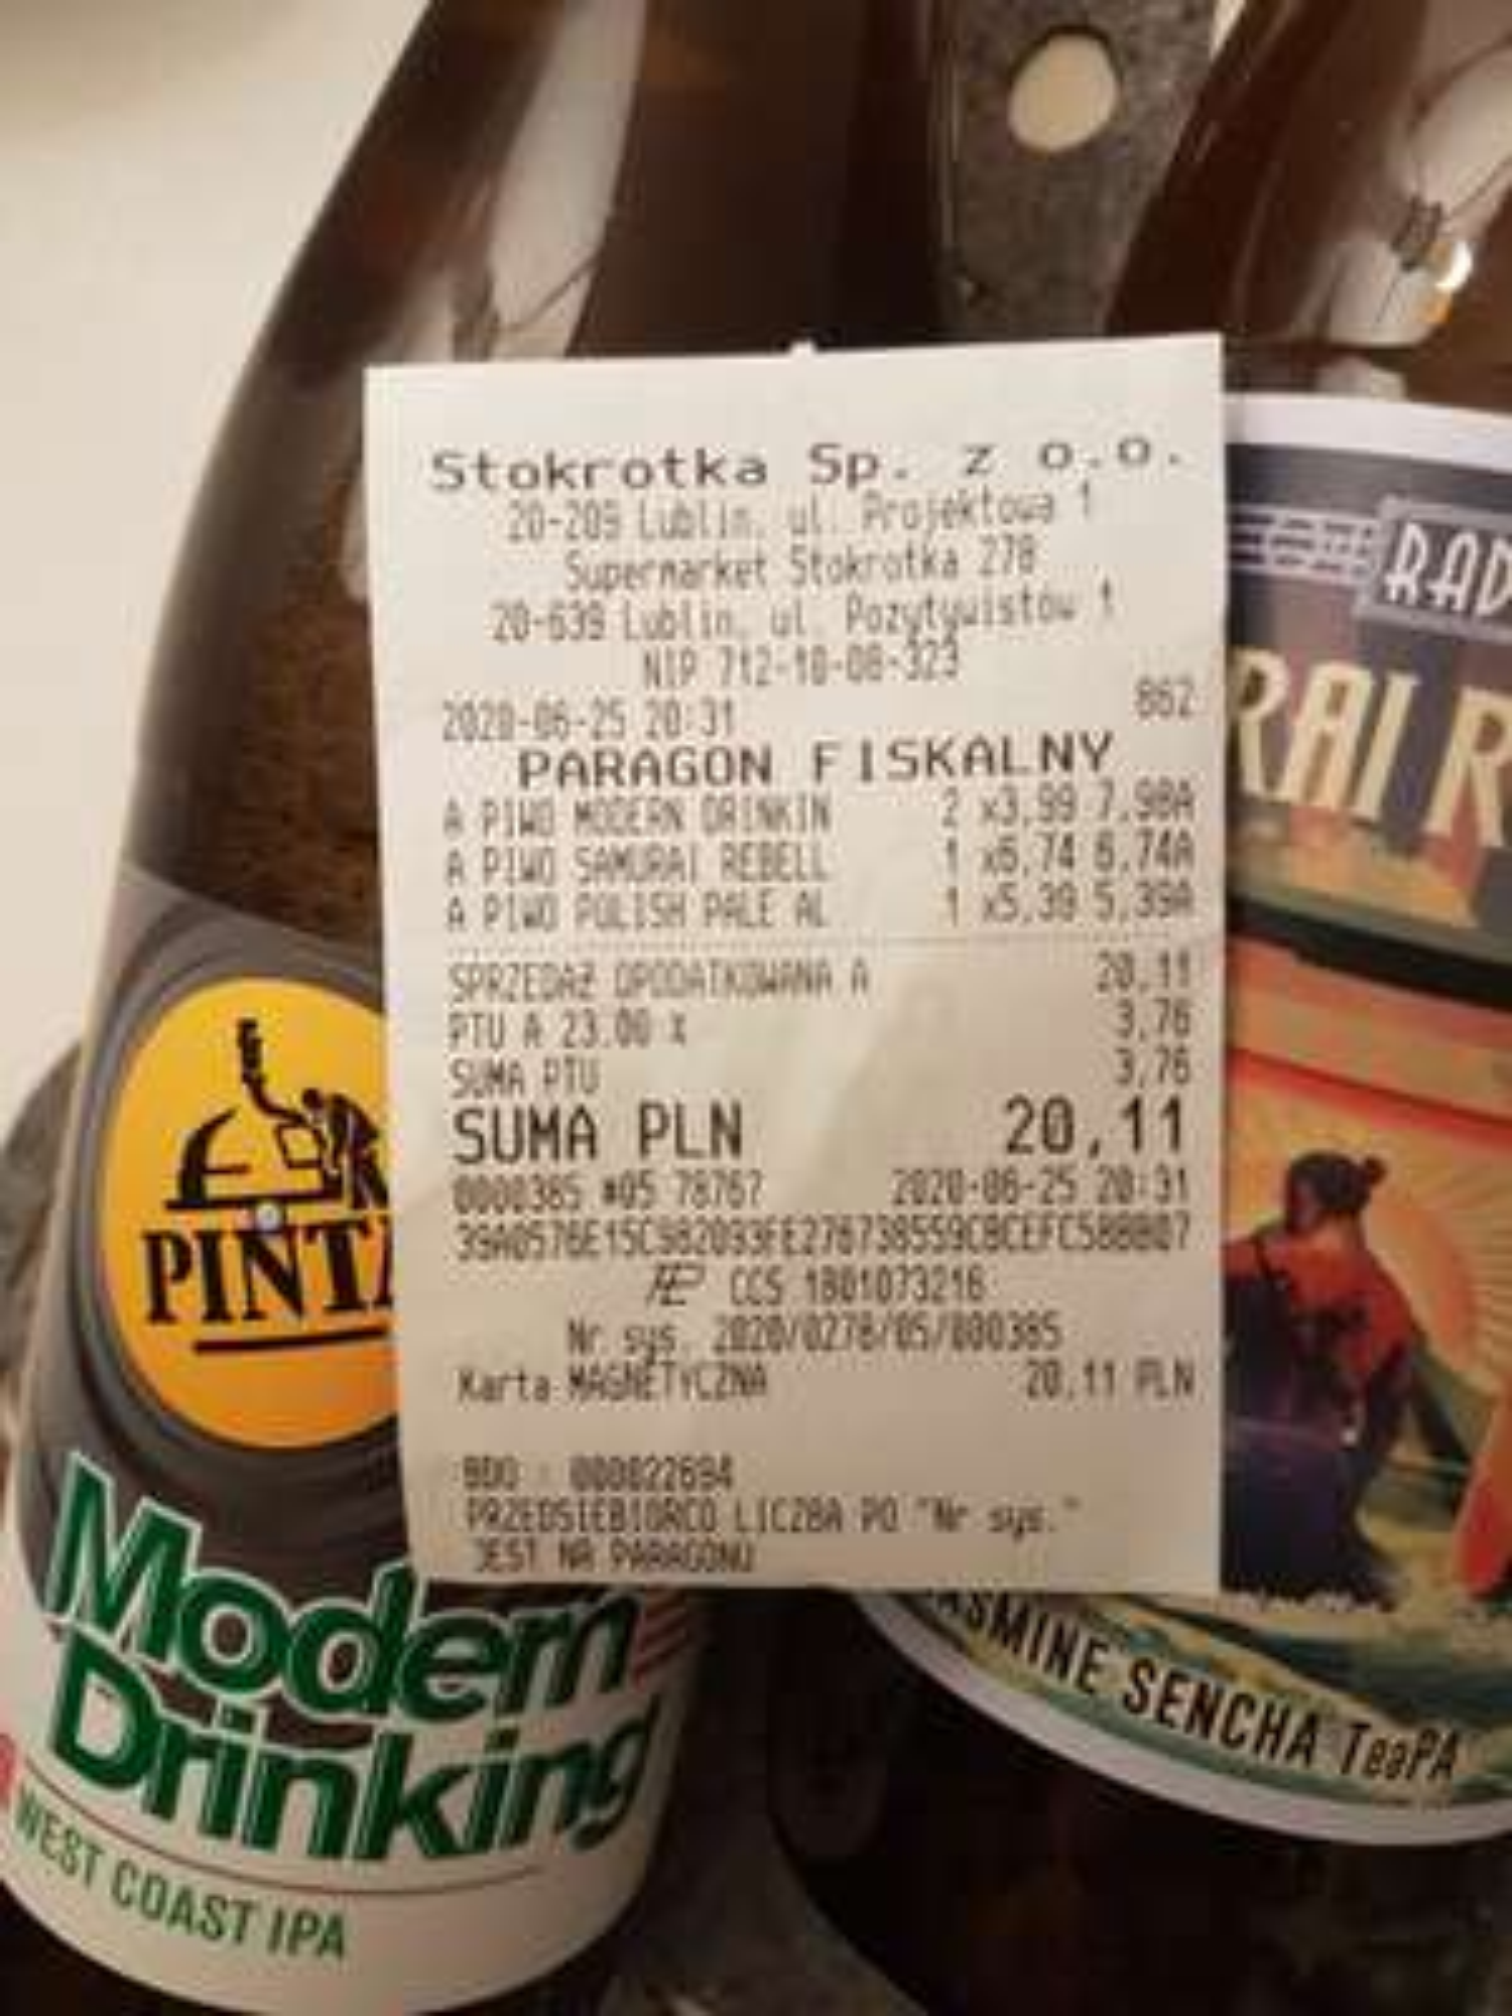 Piwo Modern Drinking w zacnej cenie :)